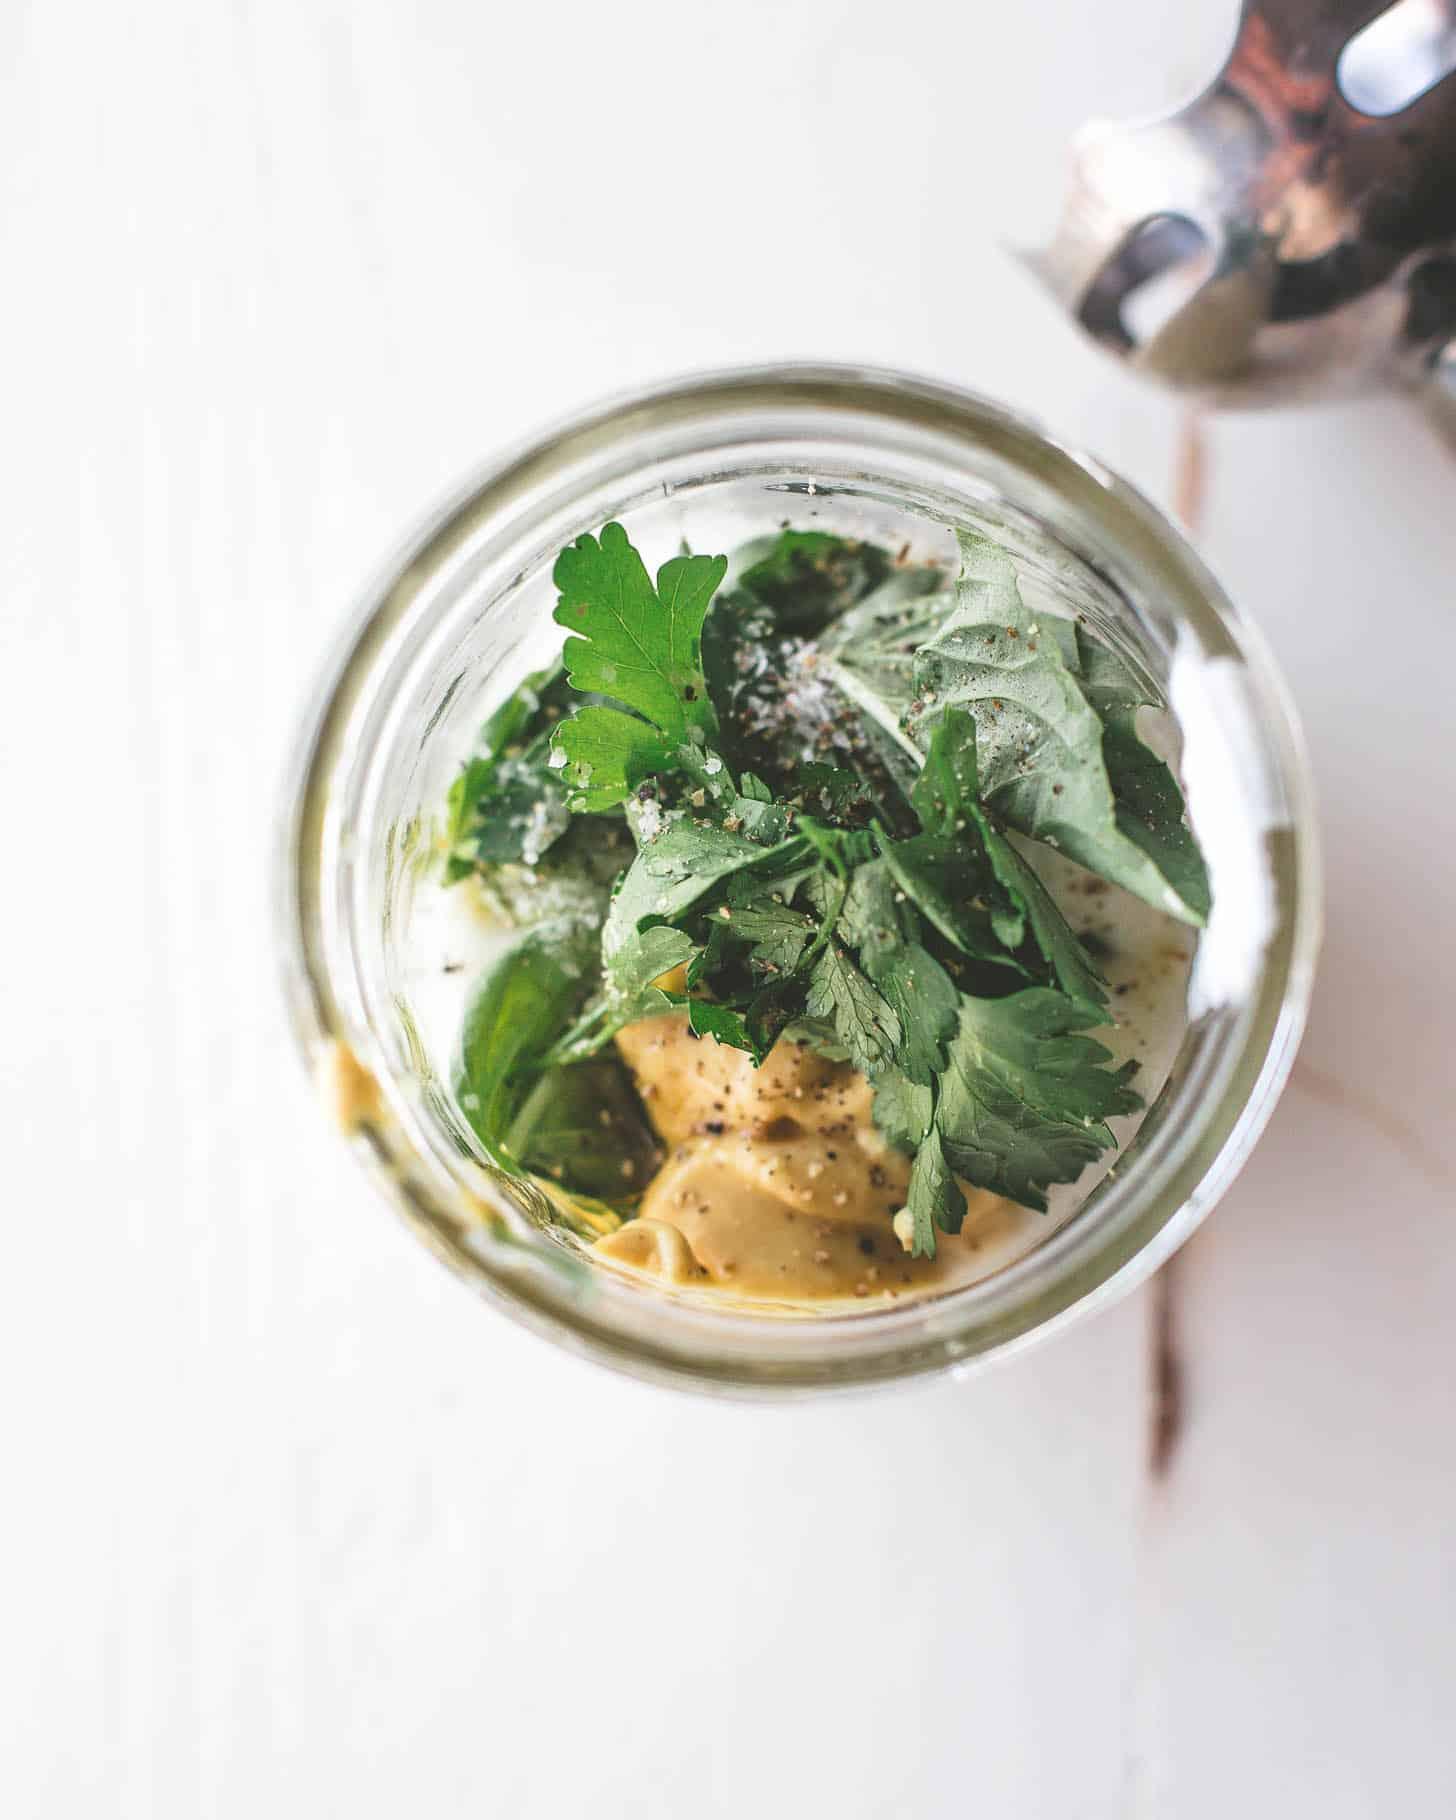 immersion blender for herb salad dressing